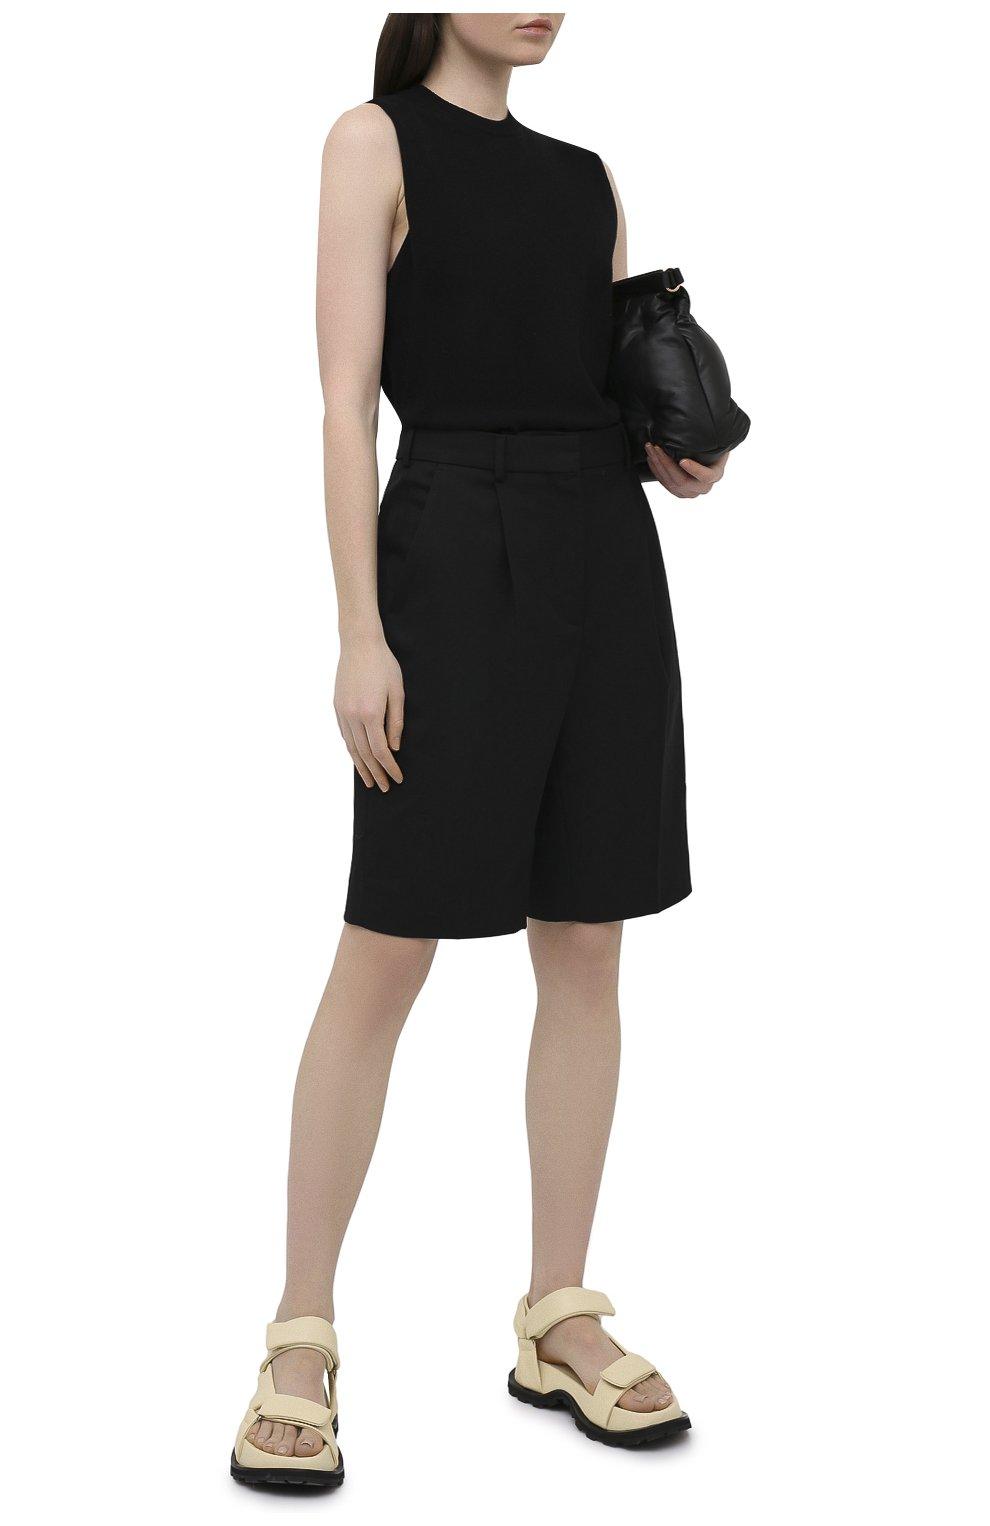 Женские кожаные сандалии JIL SANDER бежевого цвета, арт. JS36045A-13010   Фото 2 (Подошва: Платформа; Каблук высота: Низкий; Материал внутренний: Натуральная кожа)